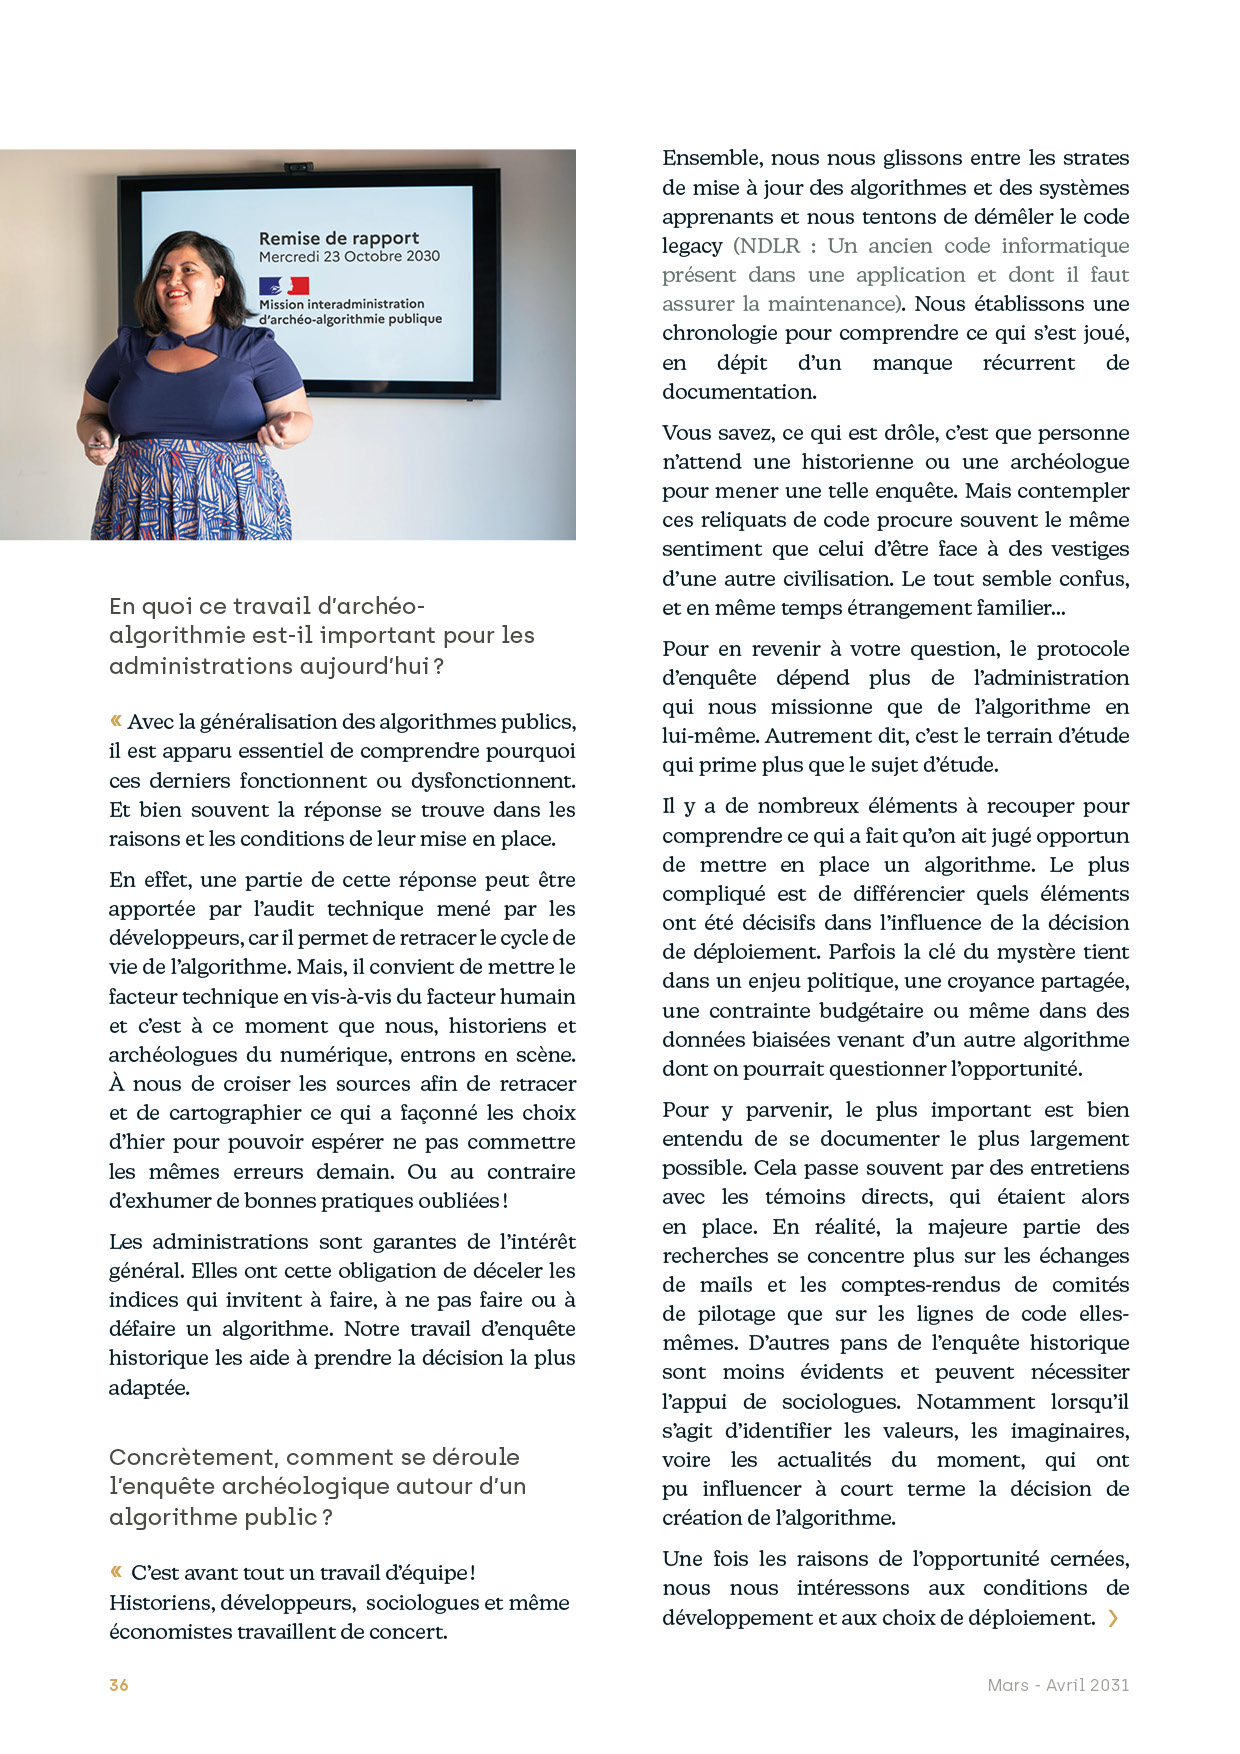 Page d'interview d'une historienne des algorithmes publics / Une version accessible peut-être téléchargée au lien suivant : http://nosalgorithmes.fr/wp-content/uploads/2021/06/NosAlgos-ArcheologieHistoriographieAlgo-itv.pdf